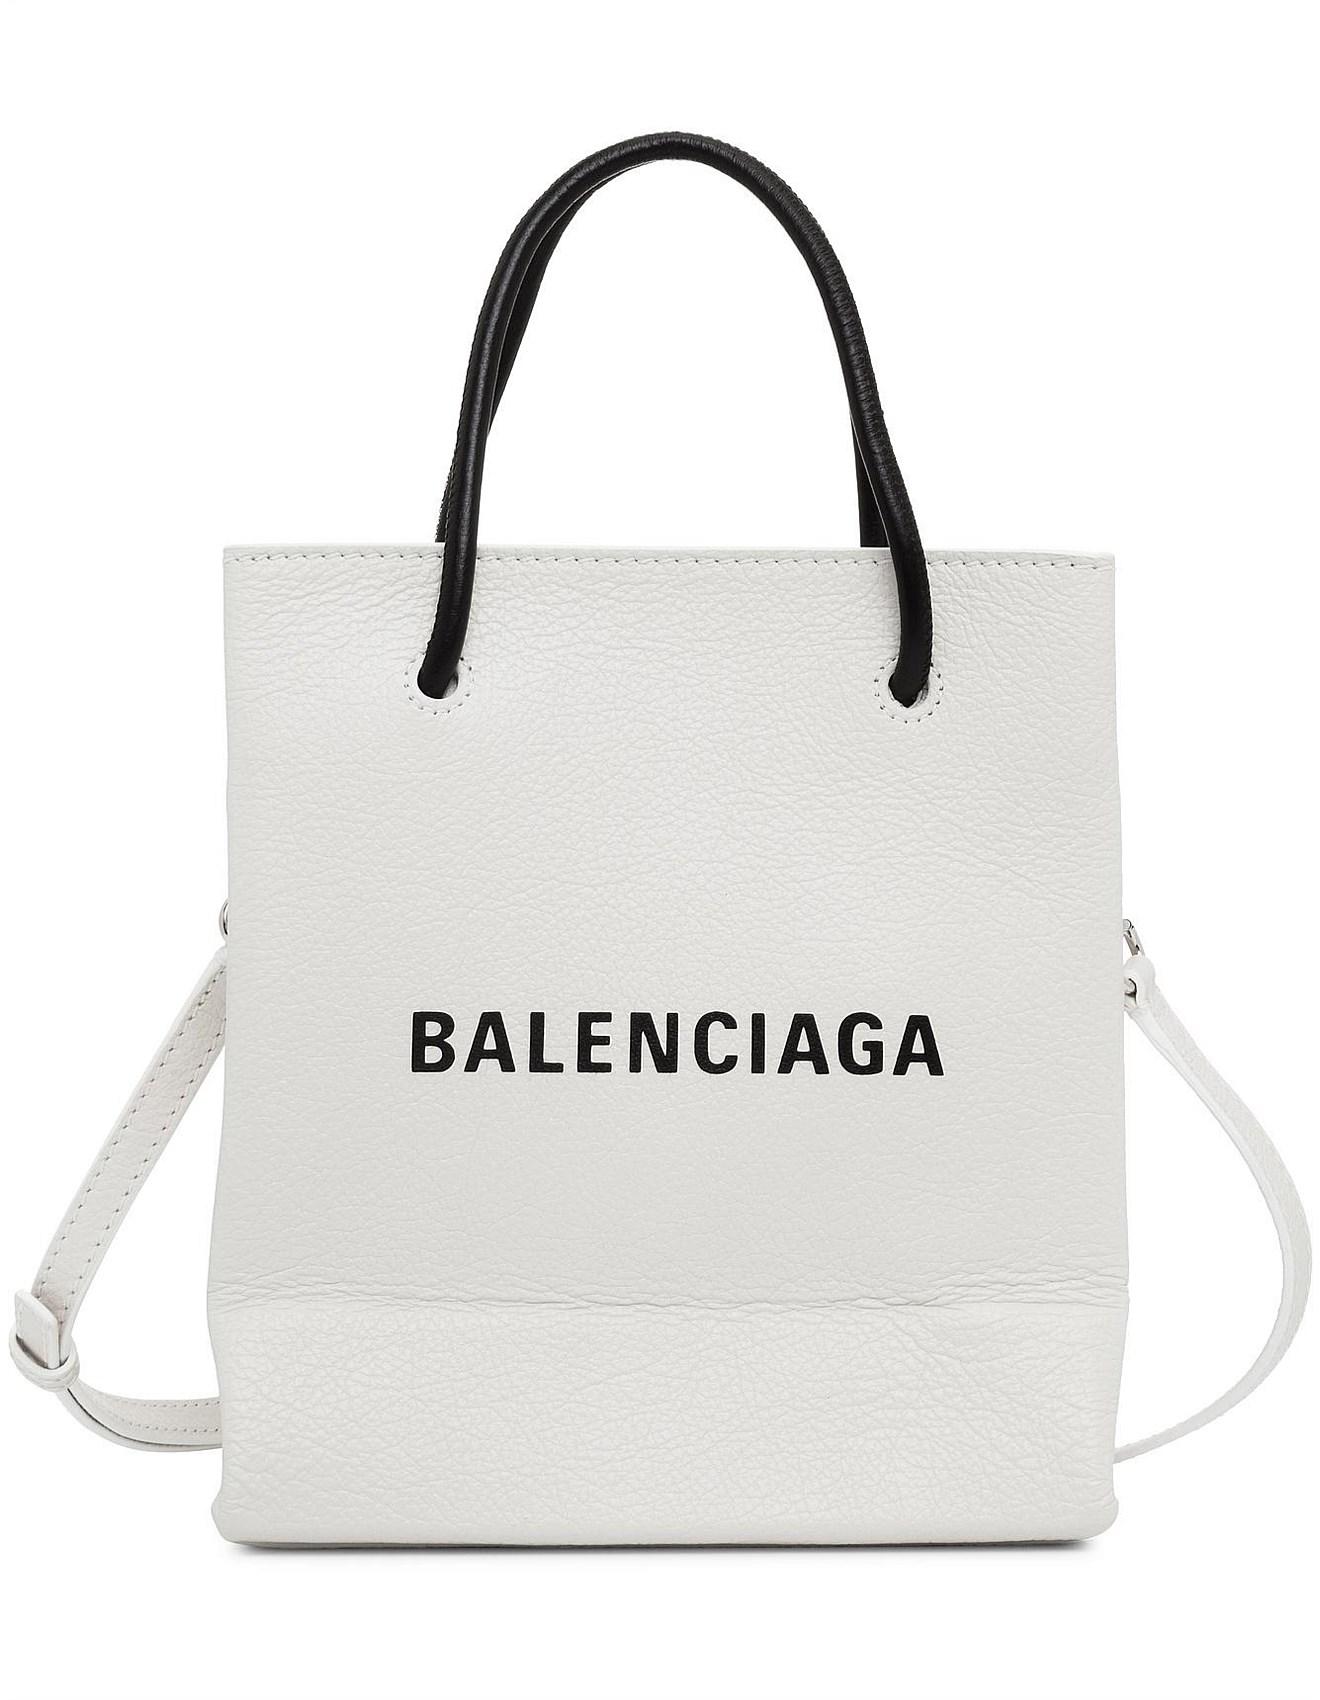 591dc0eeeba74 Balenciaga | Buy Balenciaga Shoes, Bags & More | David Jones ...